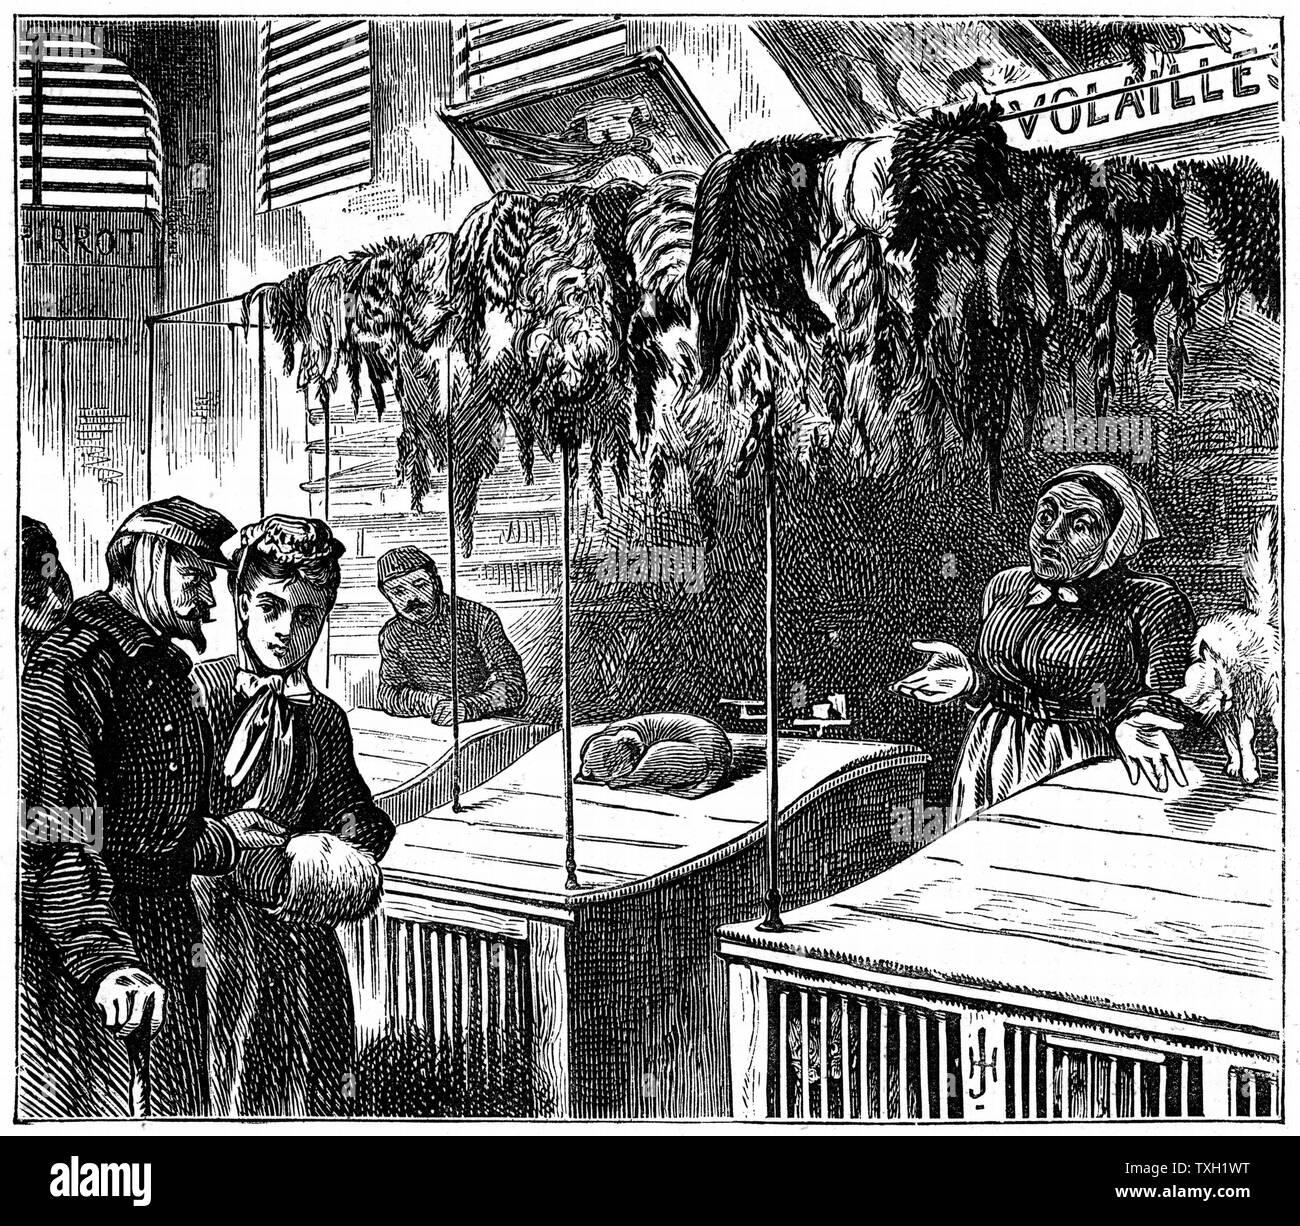 """Guerra Franco-Prusiana 1870-1871: Sitio de París en septiembre de 1870 a finales de enero de 1871. Un mercado en París """"no tenemos más que eso, Señor"""". Ilustración del gráfico, Londres, 15 de febrero de 1871. Grabado Foto de stock"""